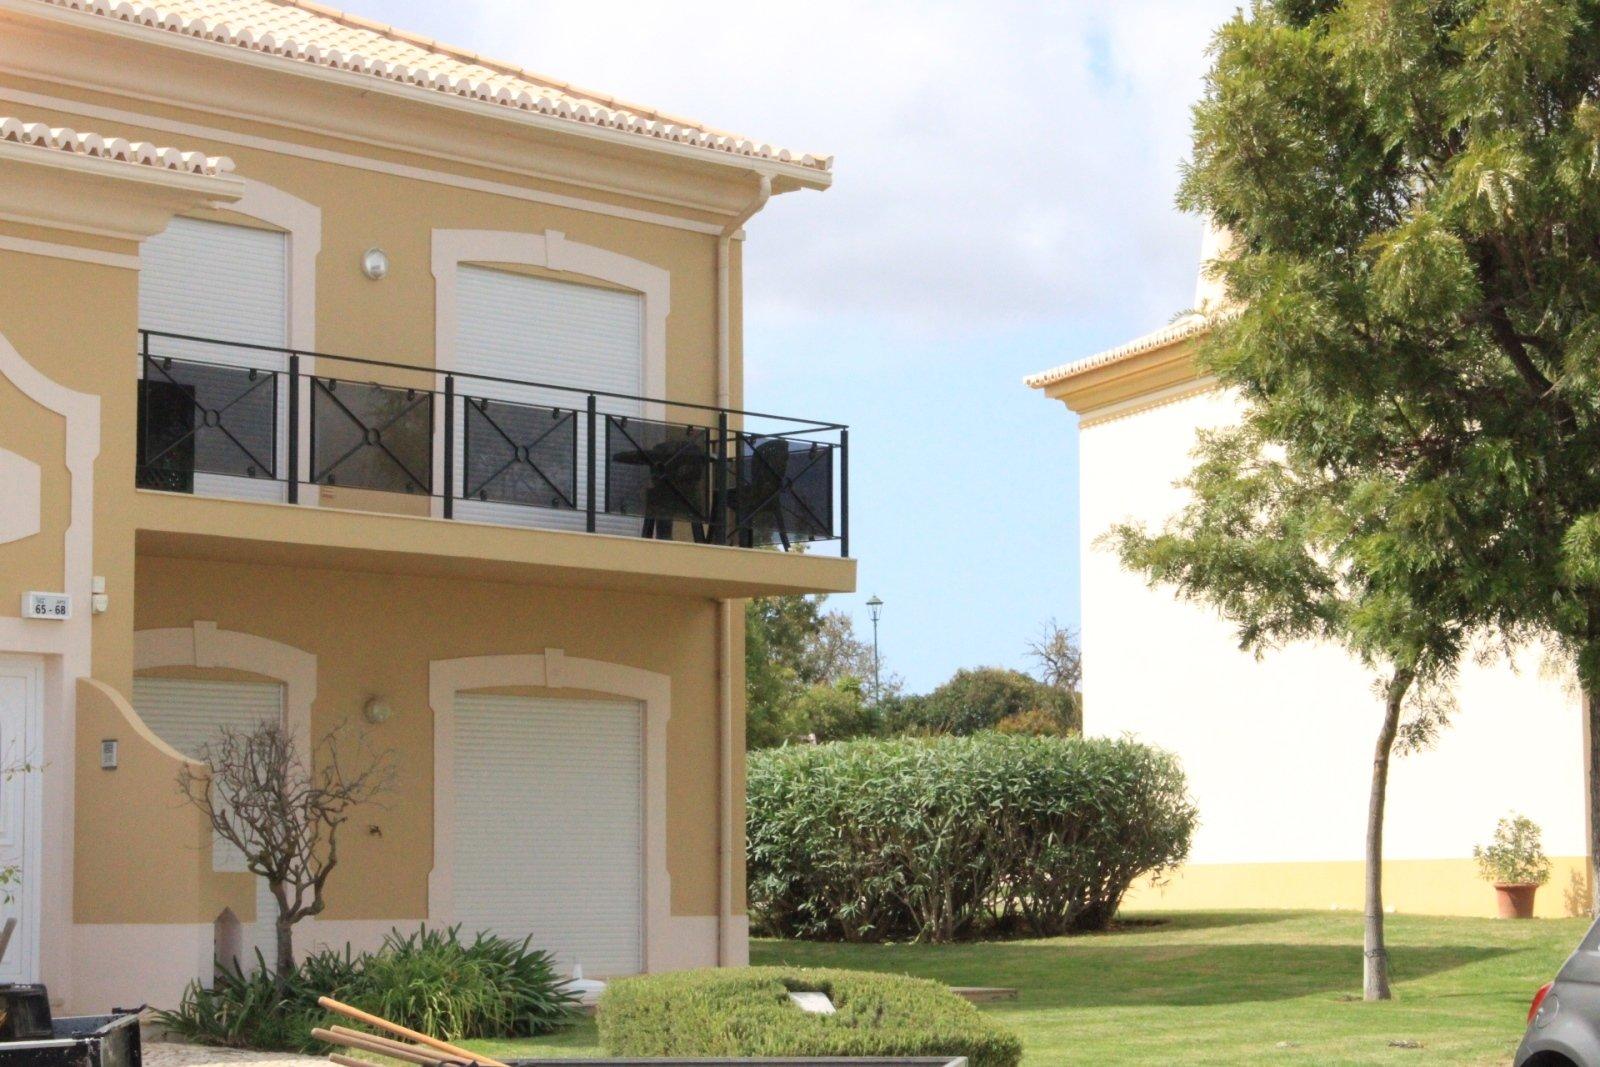 2 Bedroom Apartment Lagos, Western Algarve Ref: GA396